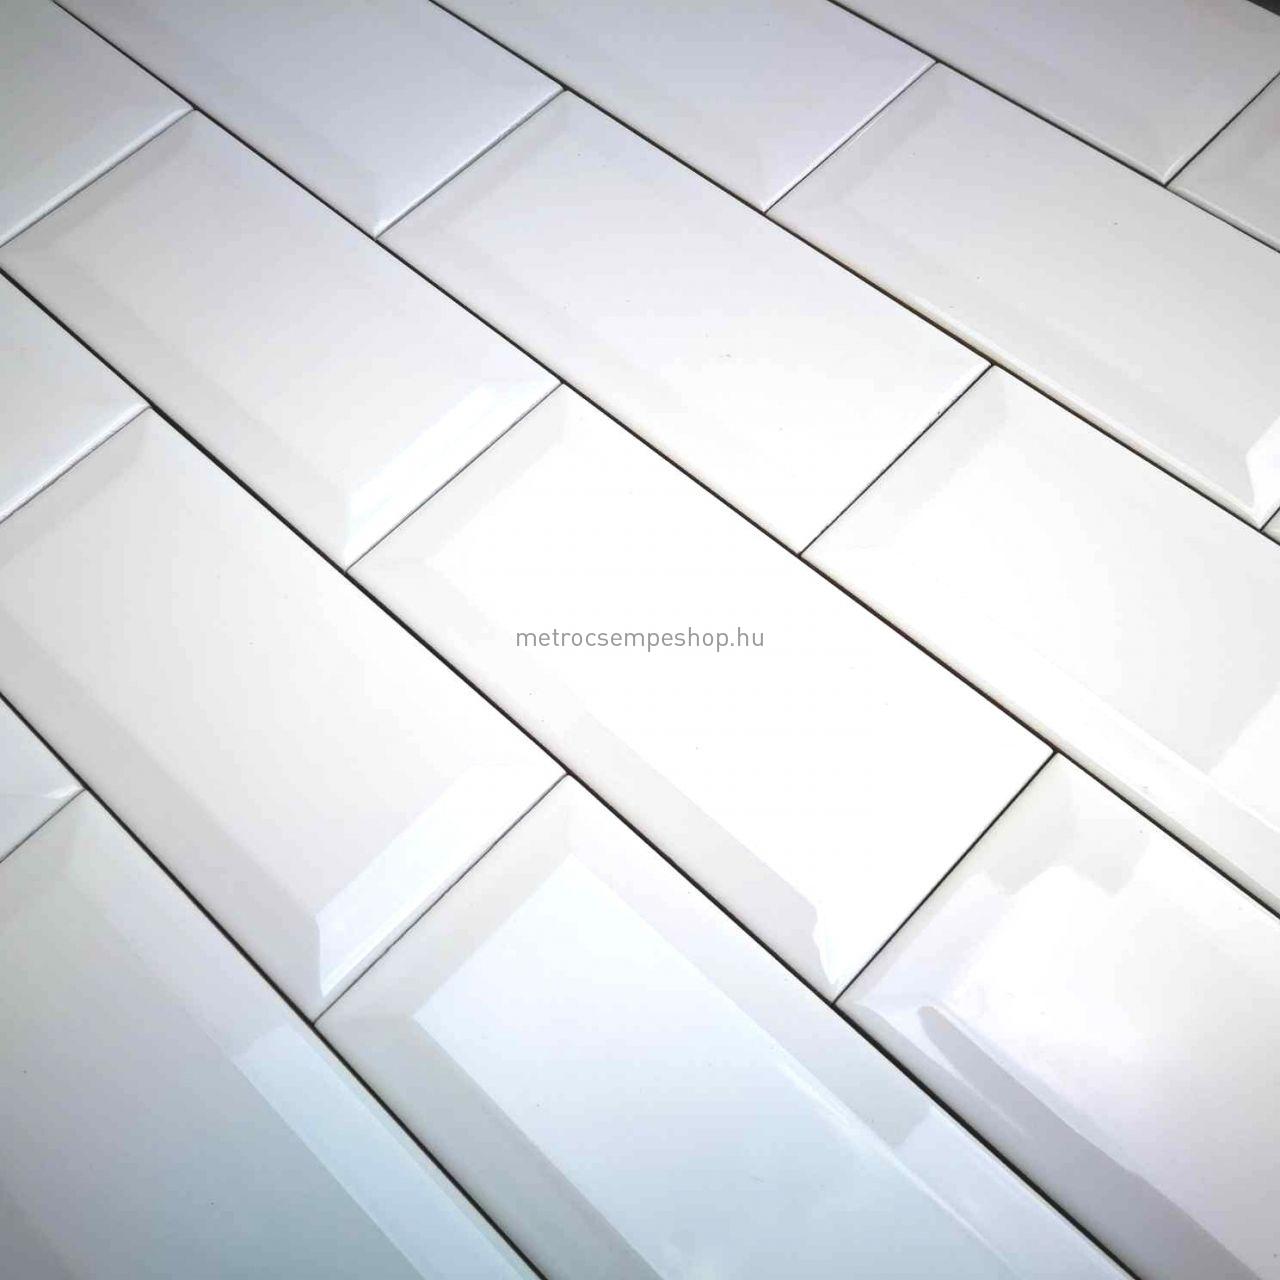 7,5x15 FEHÉR fényes fózolt metro CSEMPE